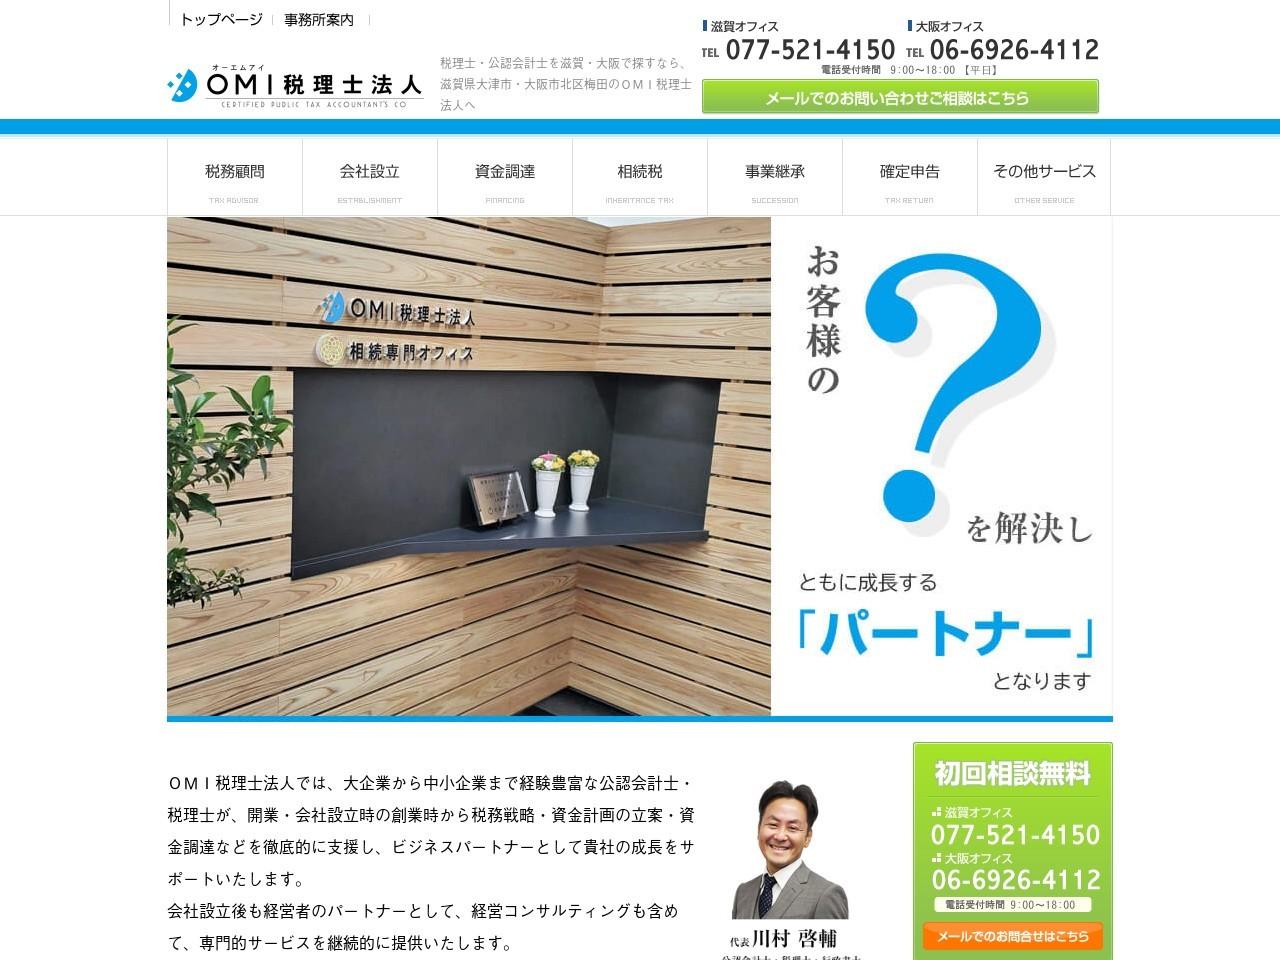 OMI(税理士法人)大阪オフィス